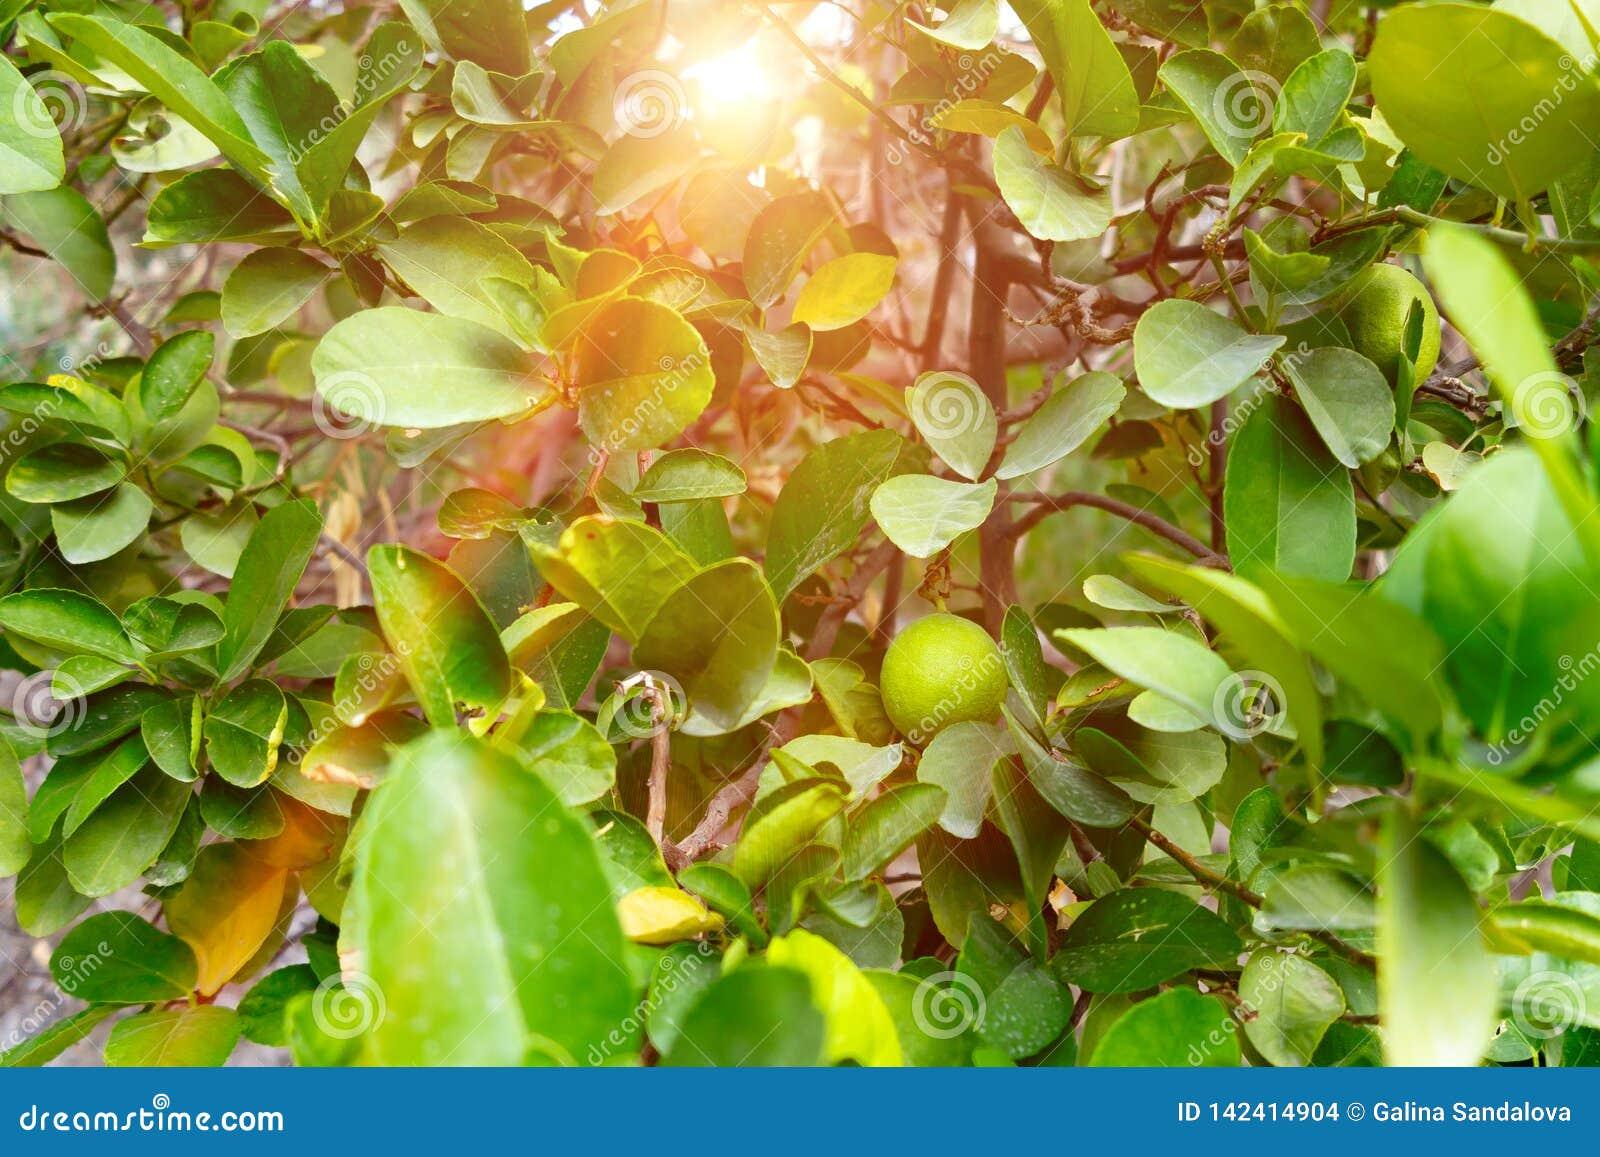 Tangerinas verdes verdes em uma árvore fora de uma parede de pedra em um país do sul